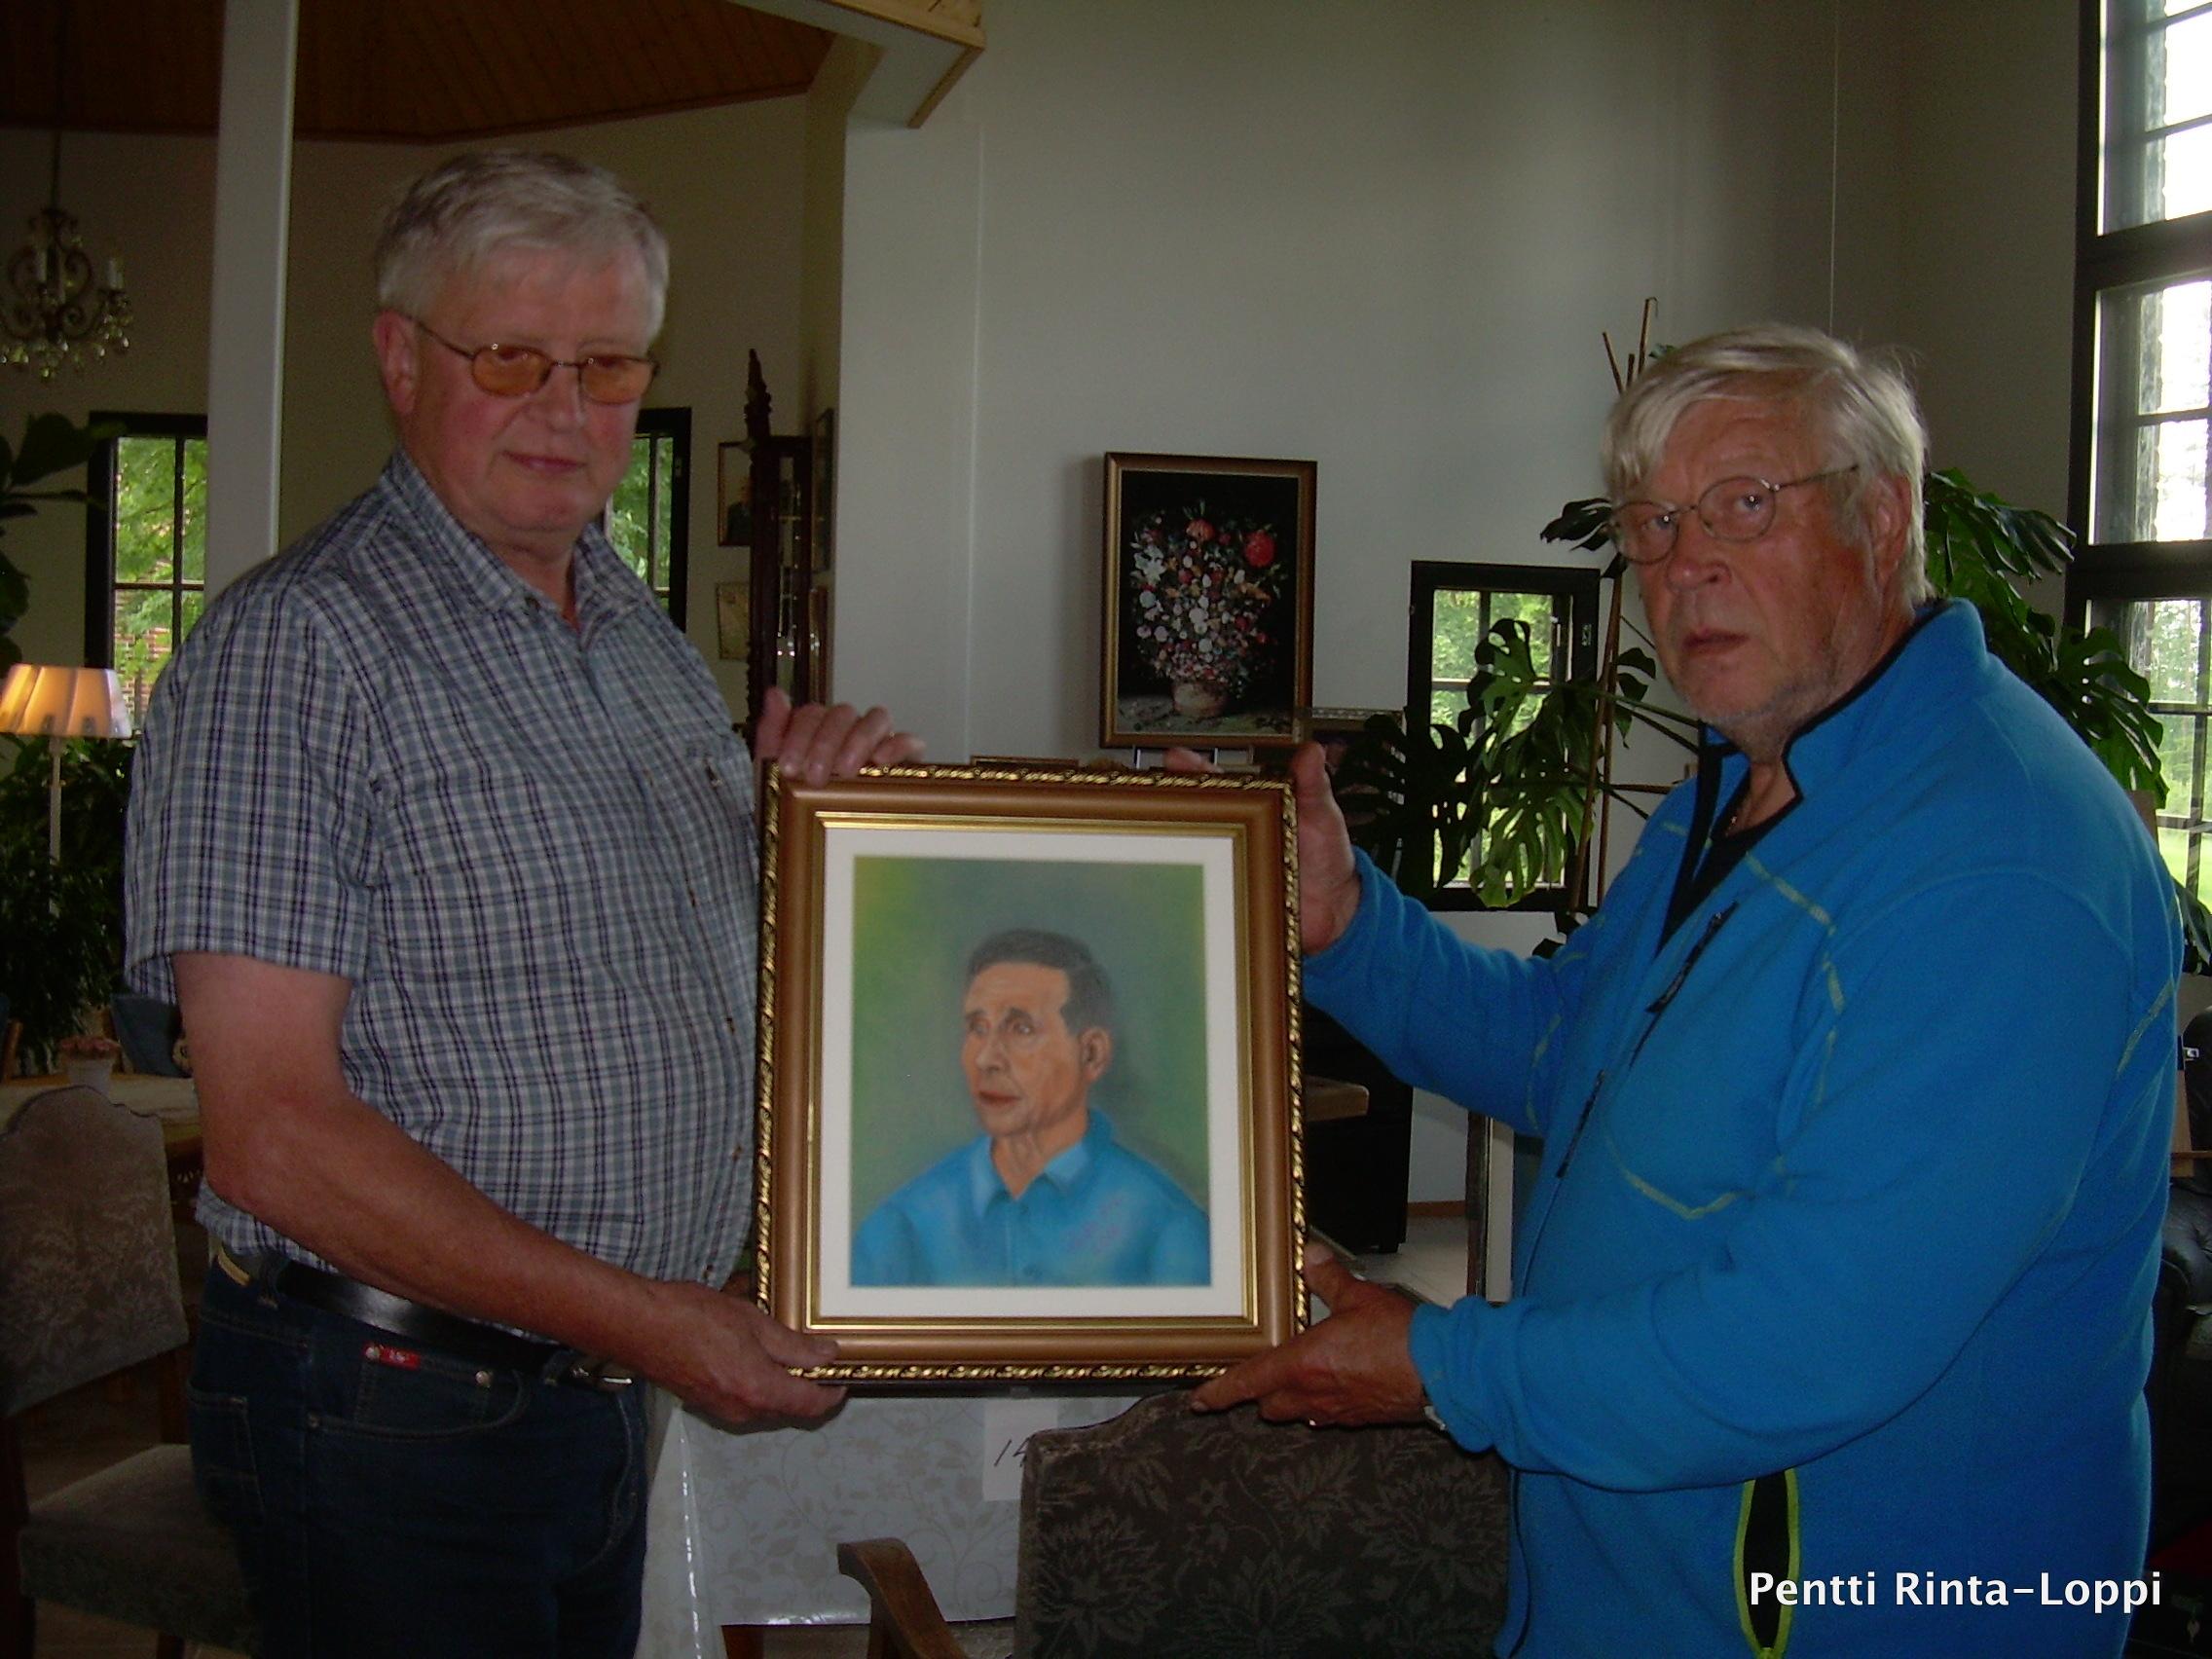 Pentti Taivalmäki otti vastaan Pentti Rinta-Lopin Väinö Taivalmäen muotokuvamaalauksen.